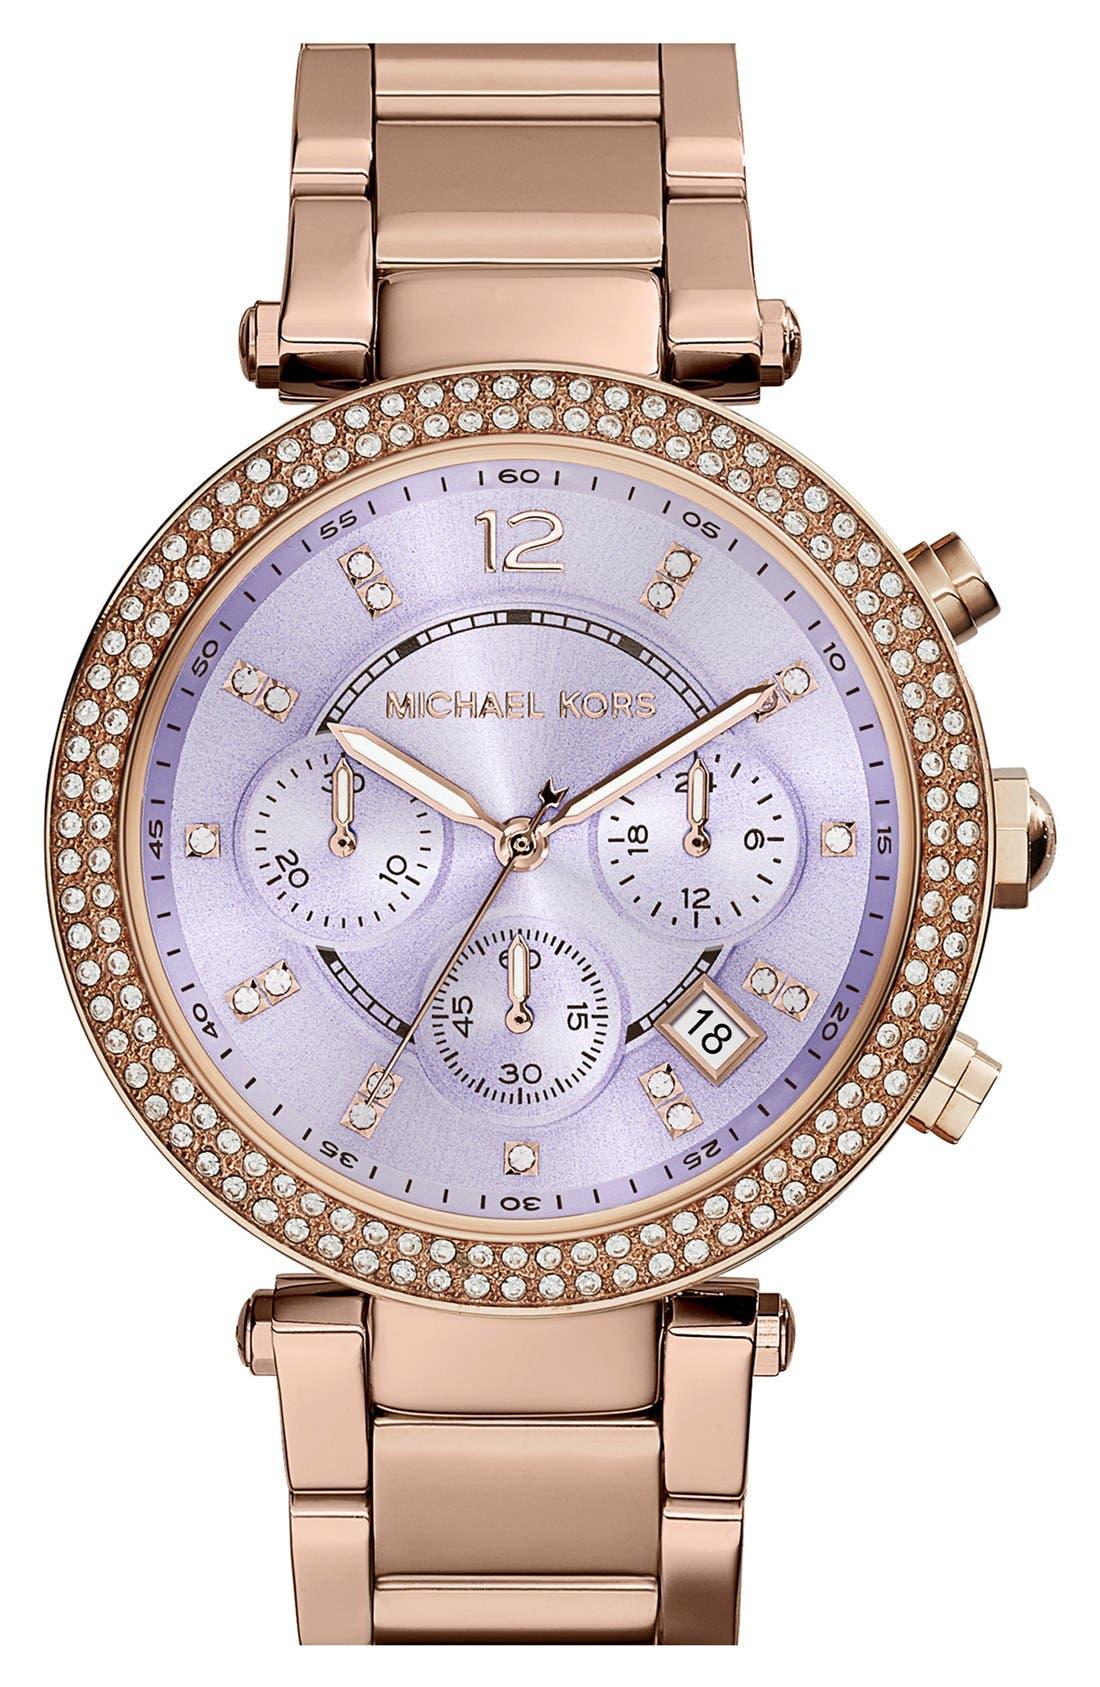 Main Image - Michael Kors 'Parker' Chronograph Bracelet Watch, 39mm